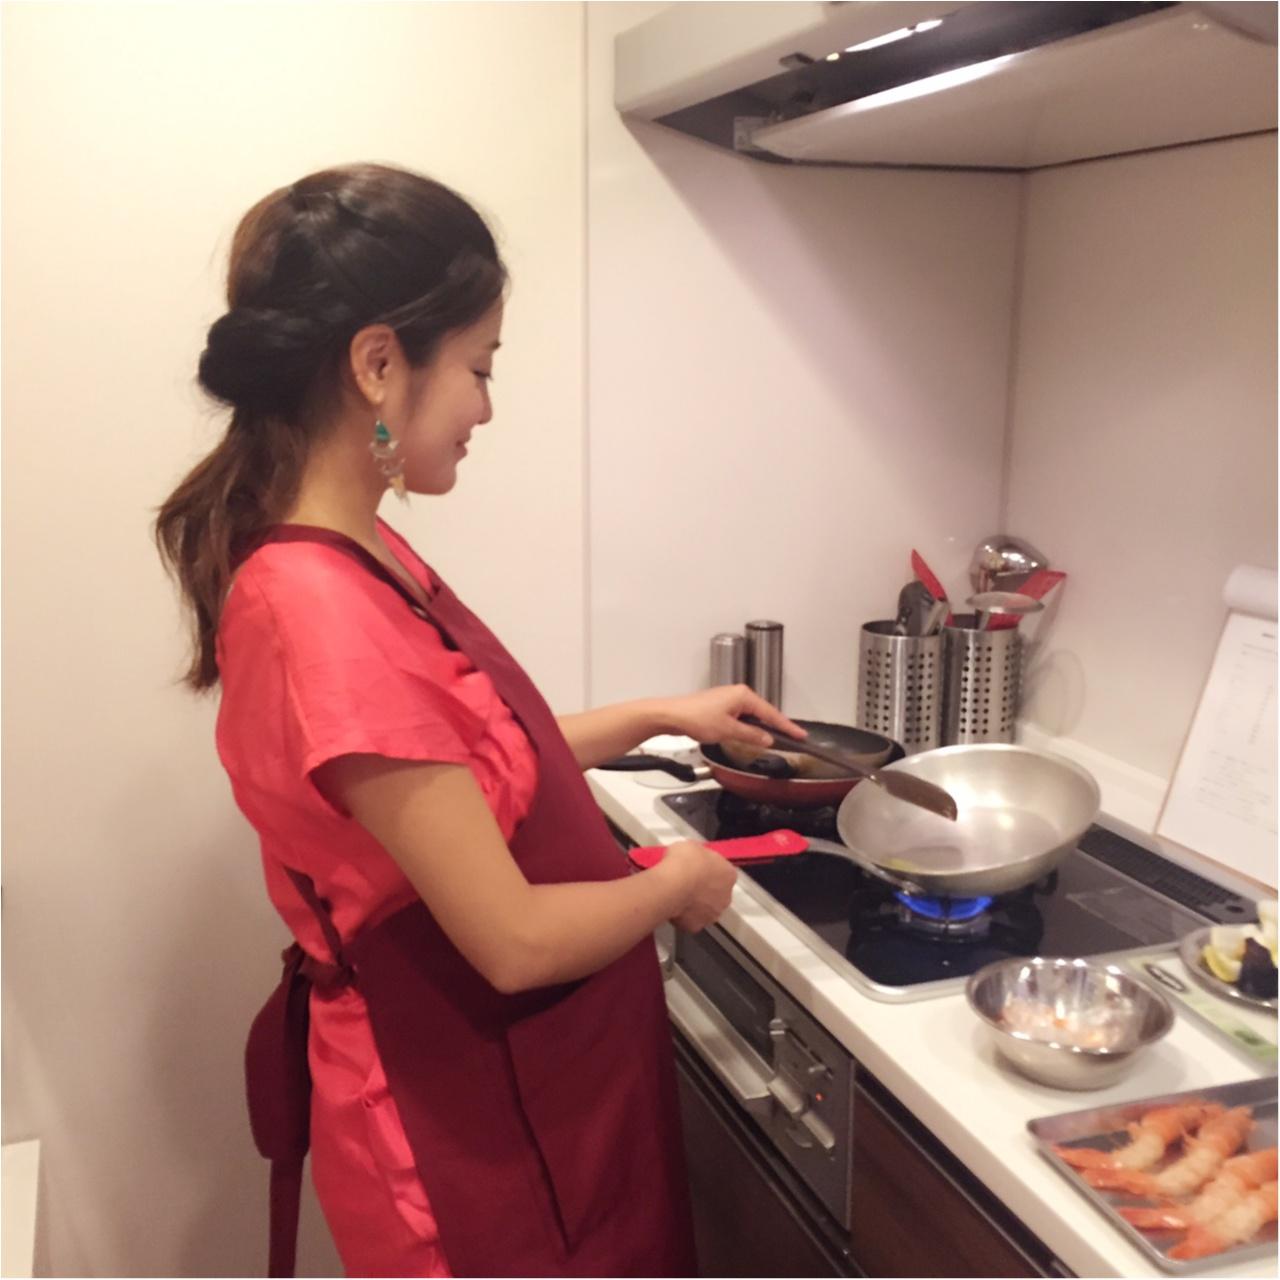 ヨメカツ☆ワンランク上のお料理でおもてなしも完璧♪レシピ付き!_2